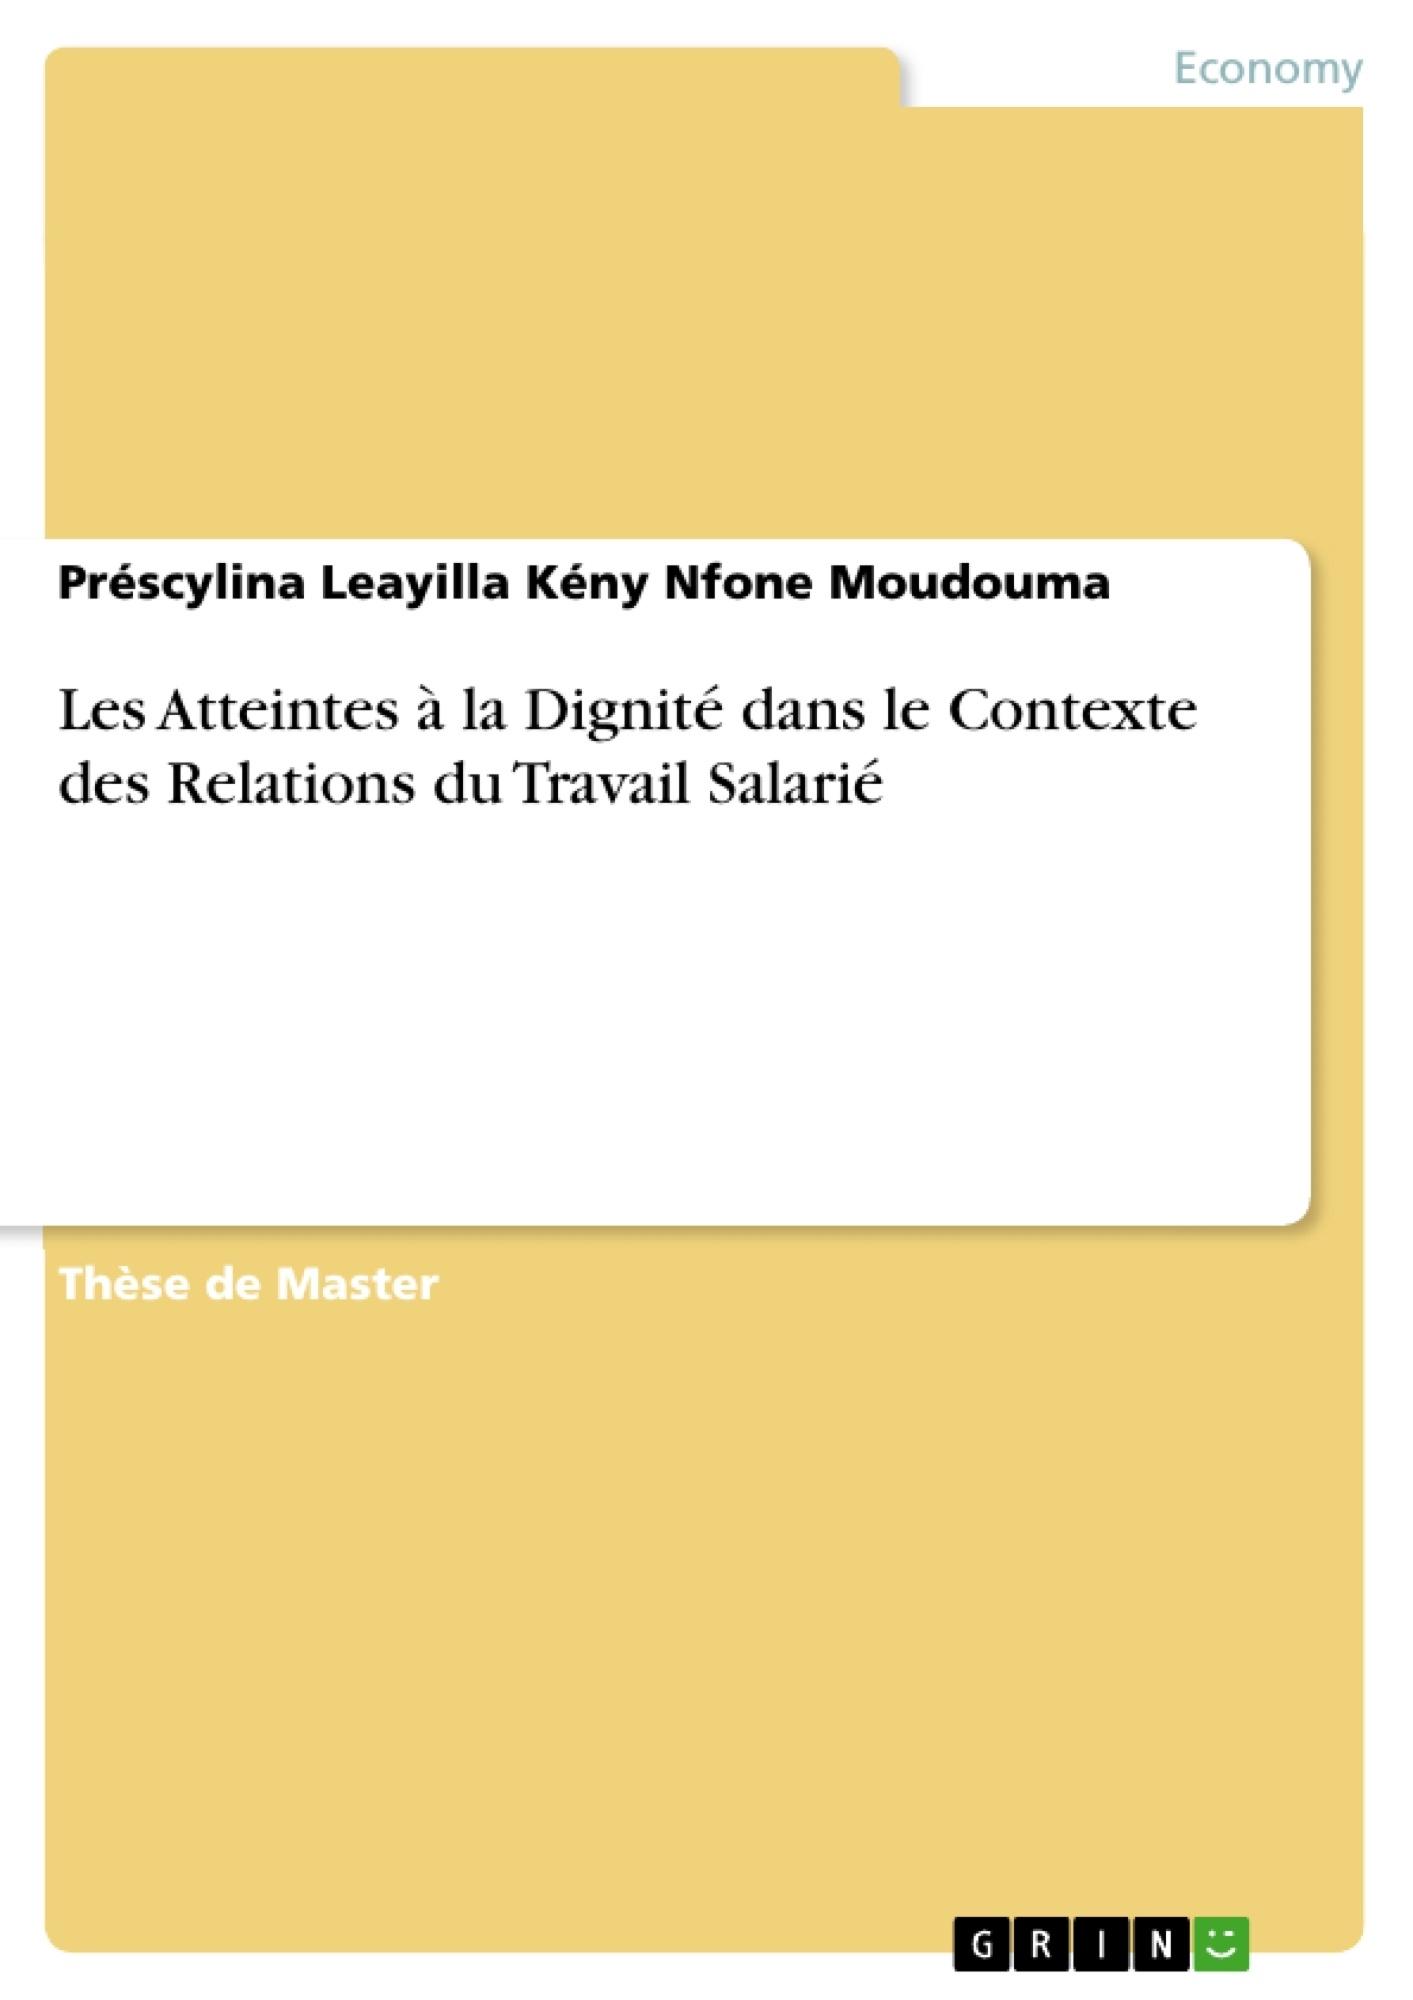 Titre: Les Atteintes à la Dignité dans le Contexte des Relations du Travail Salarié